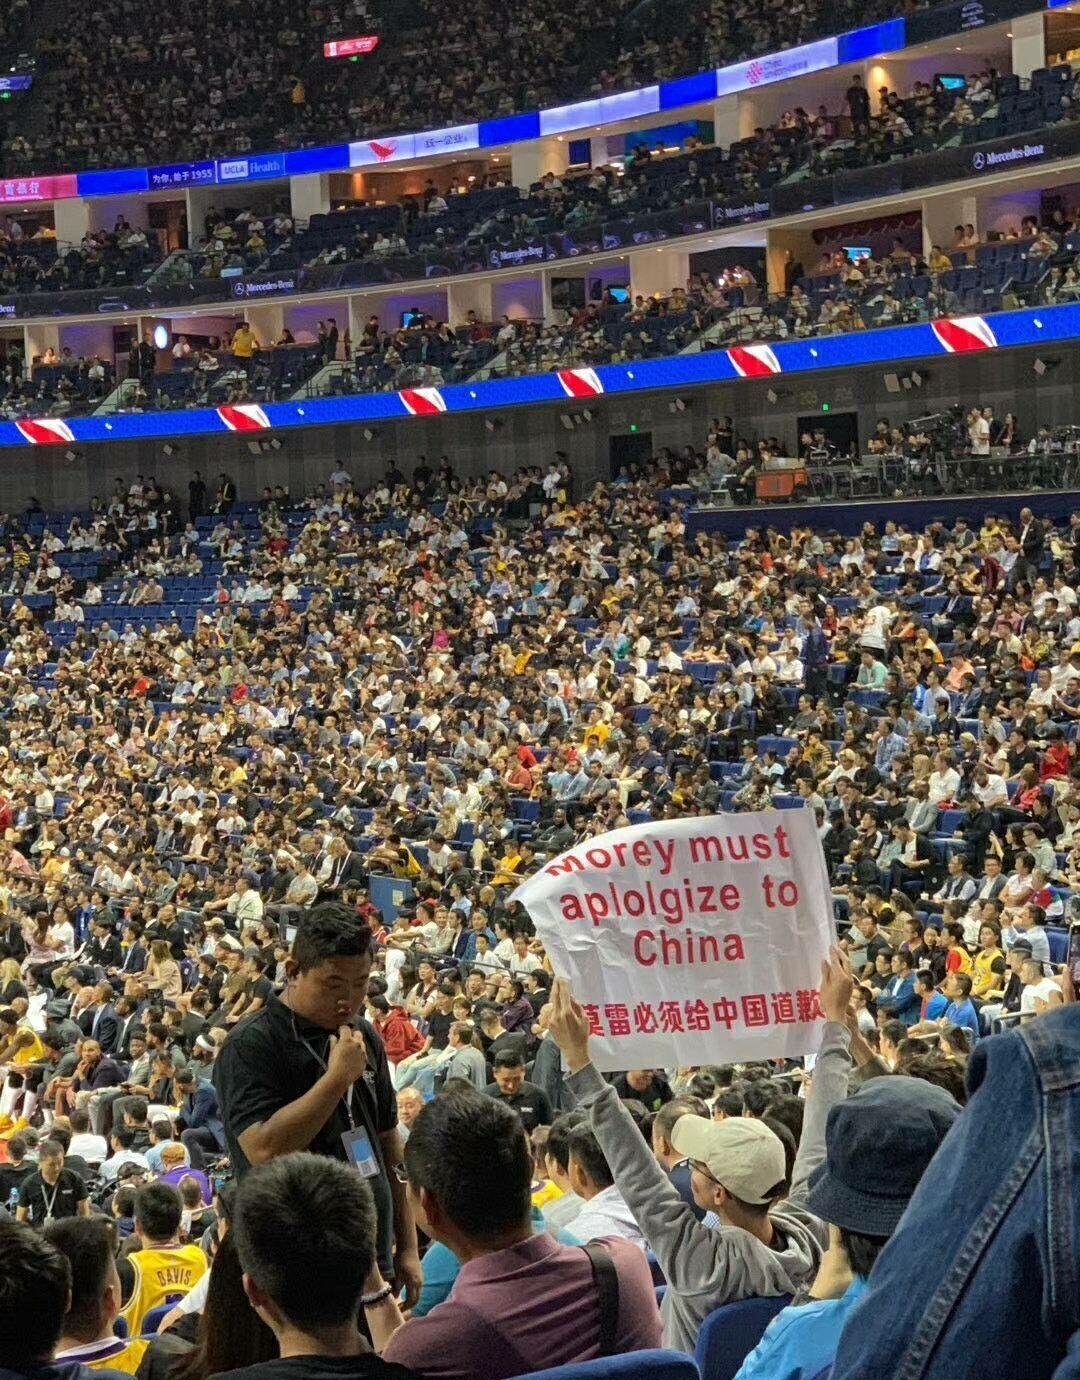 肖华声称NBA经济损失巨大 不可能去惩罚莫雷